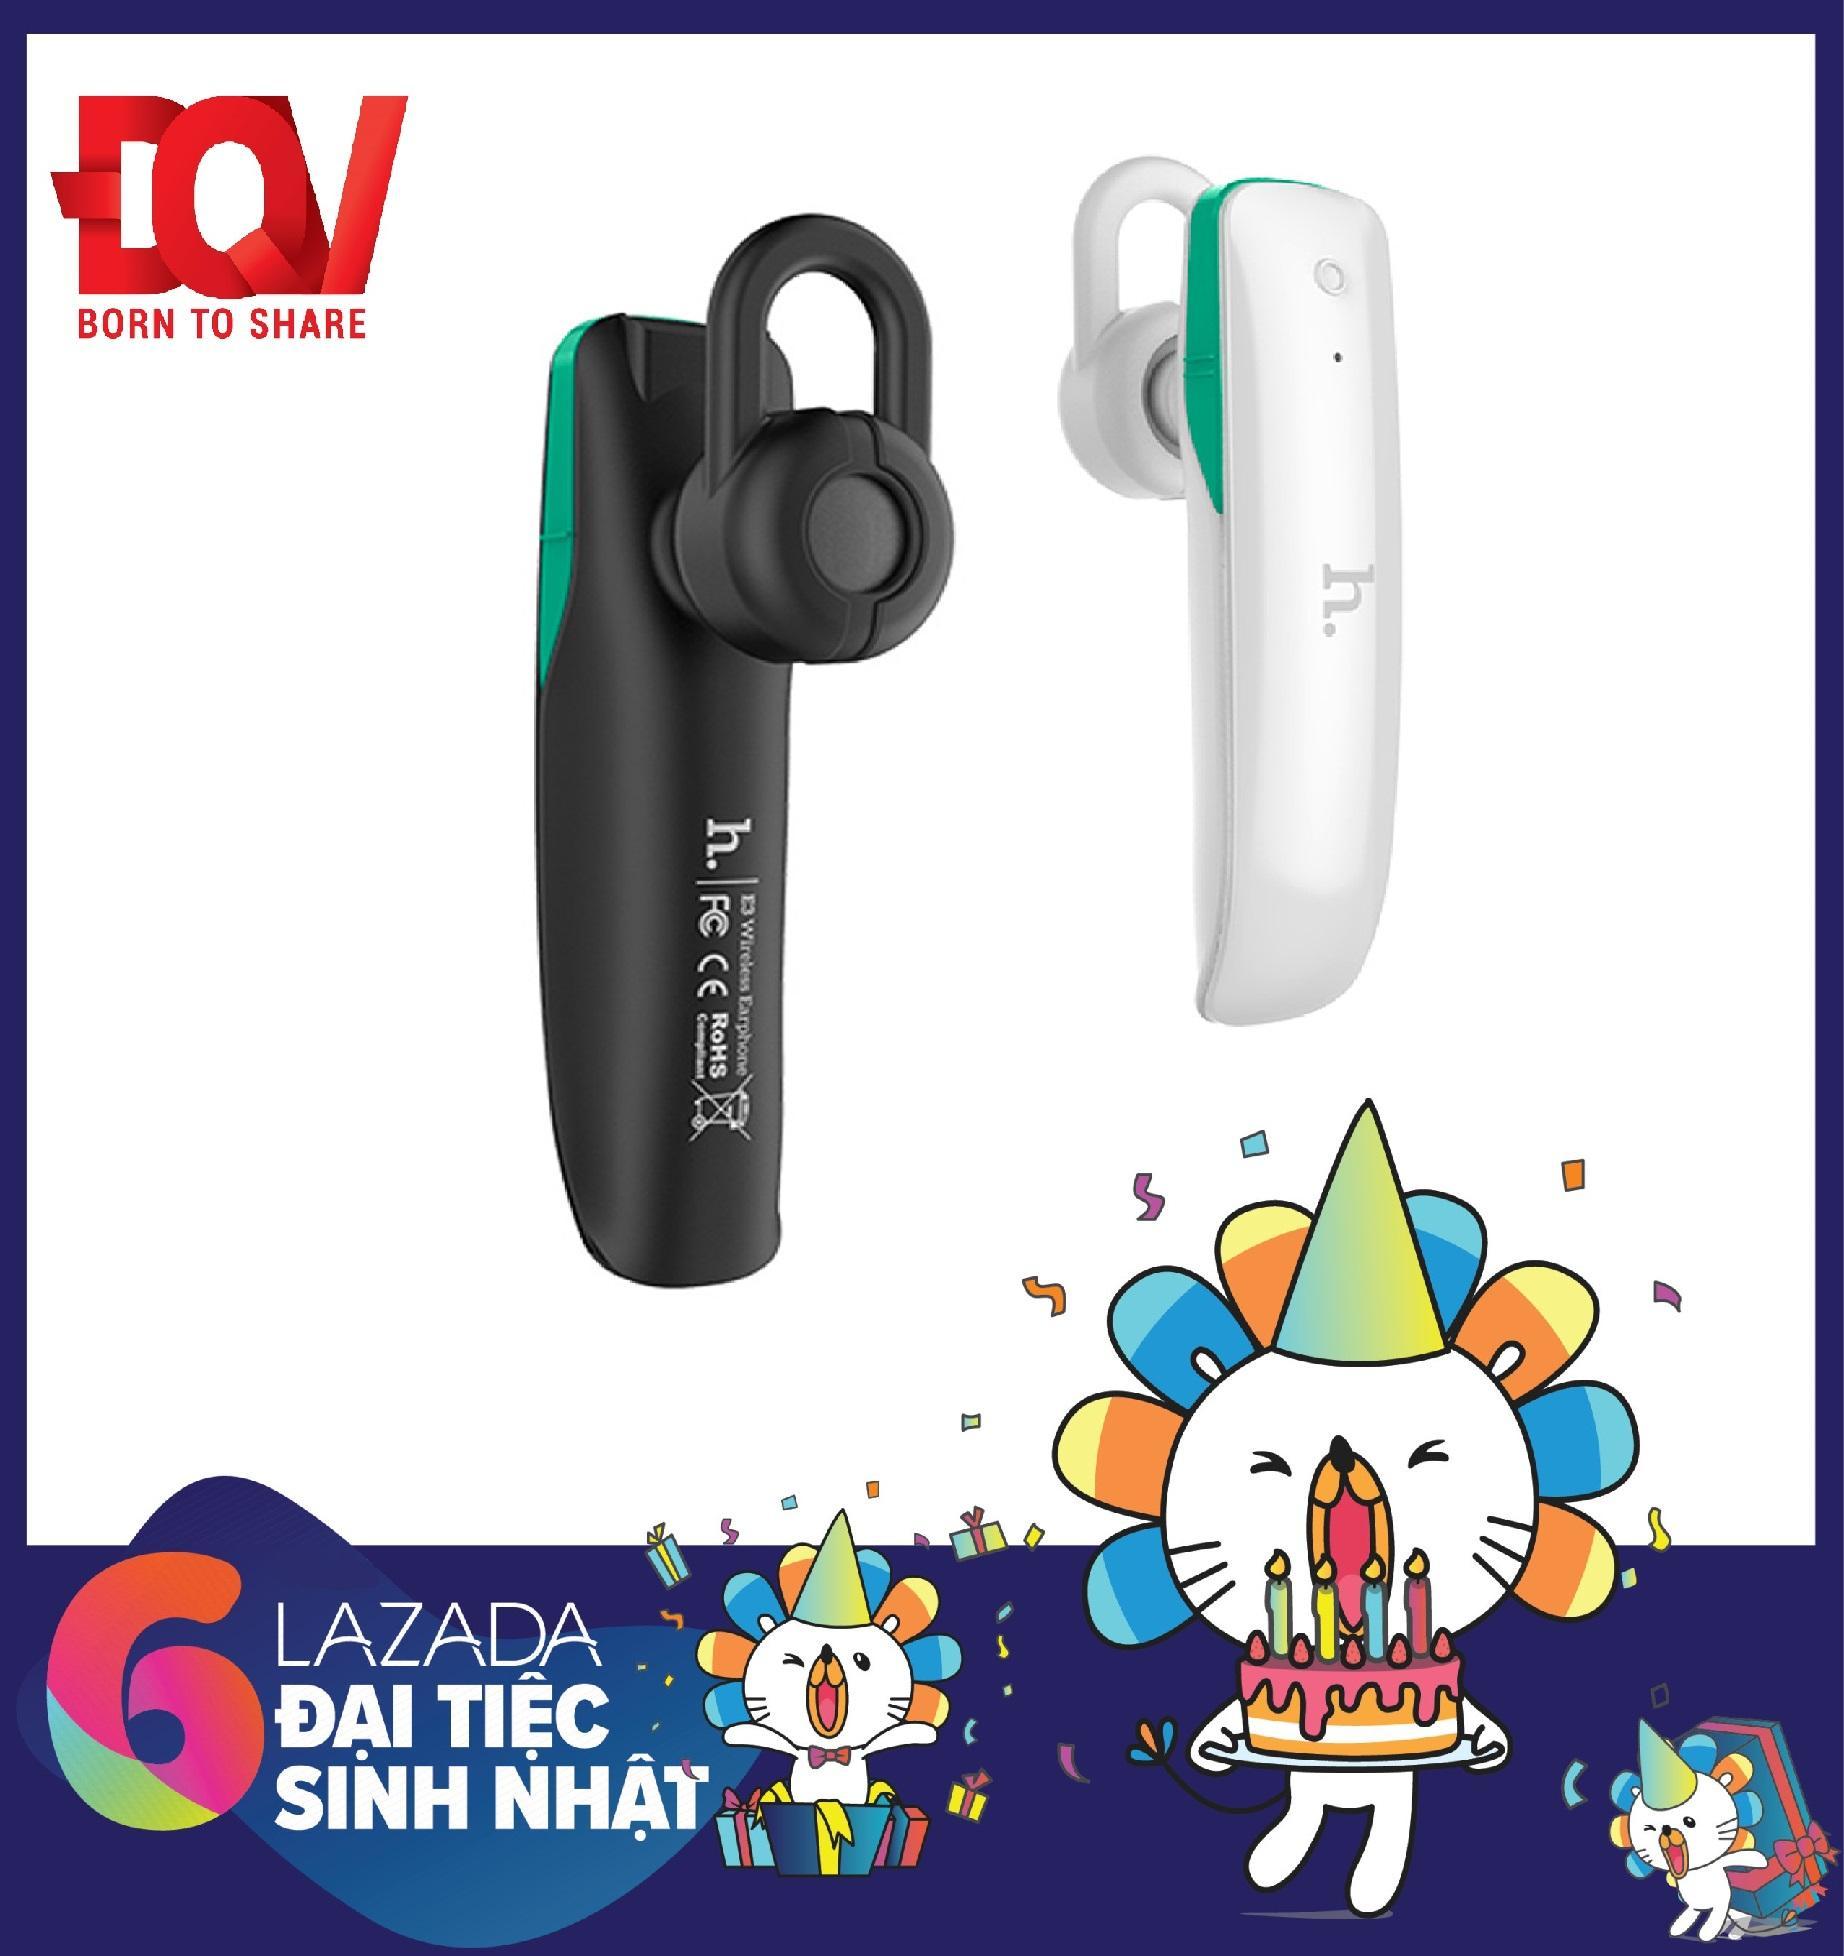 Bán Tai Nghe Bluetooth Danh Cho Điện Thoại Hoco E1 Rẻ Hồ Chí Minh